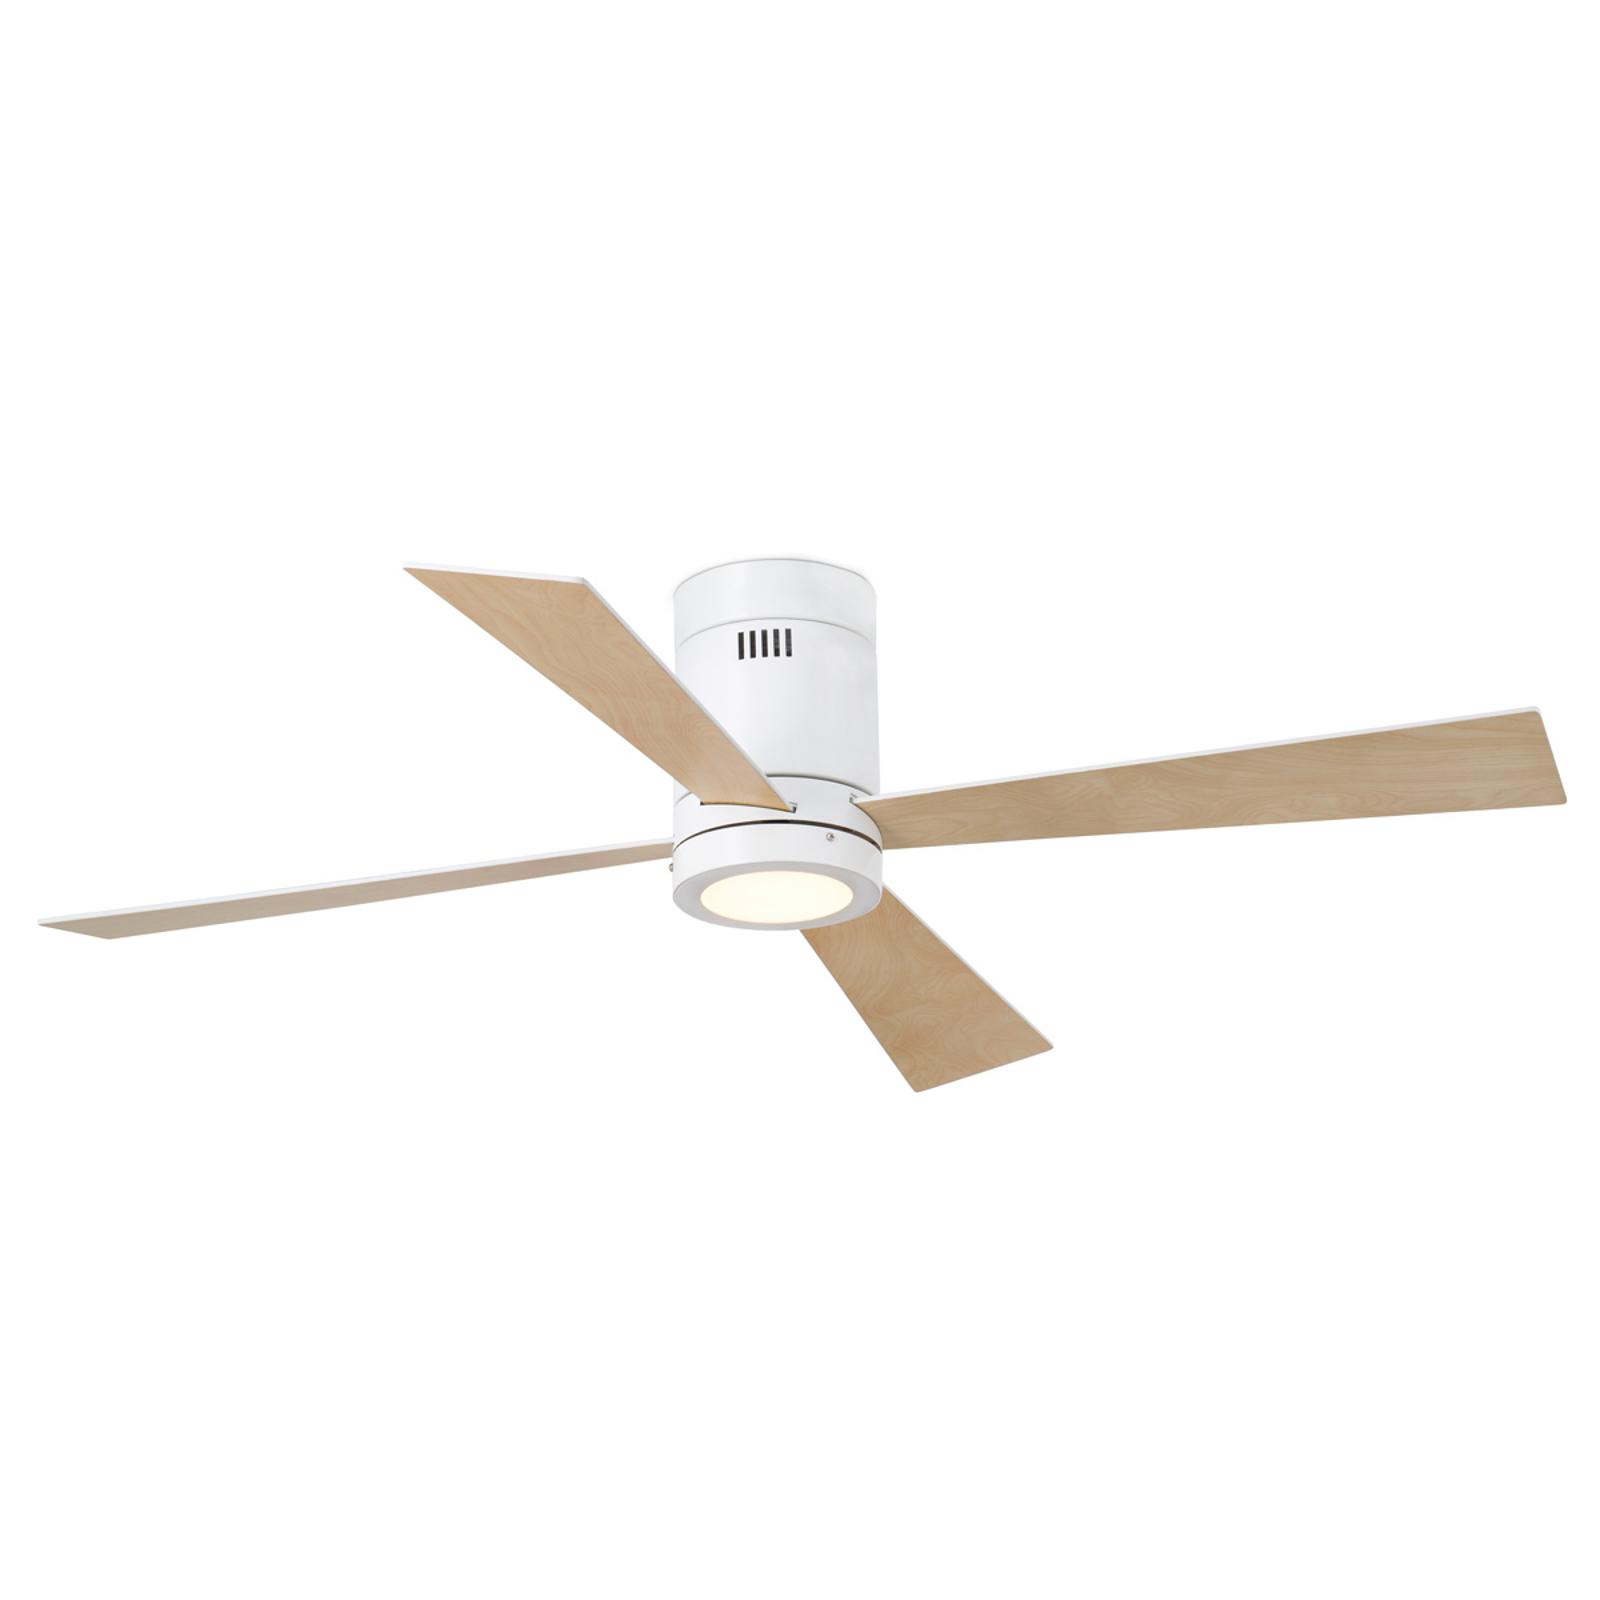 Takventilator Timor med LED, fire vinger